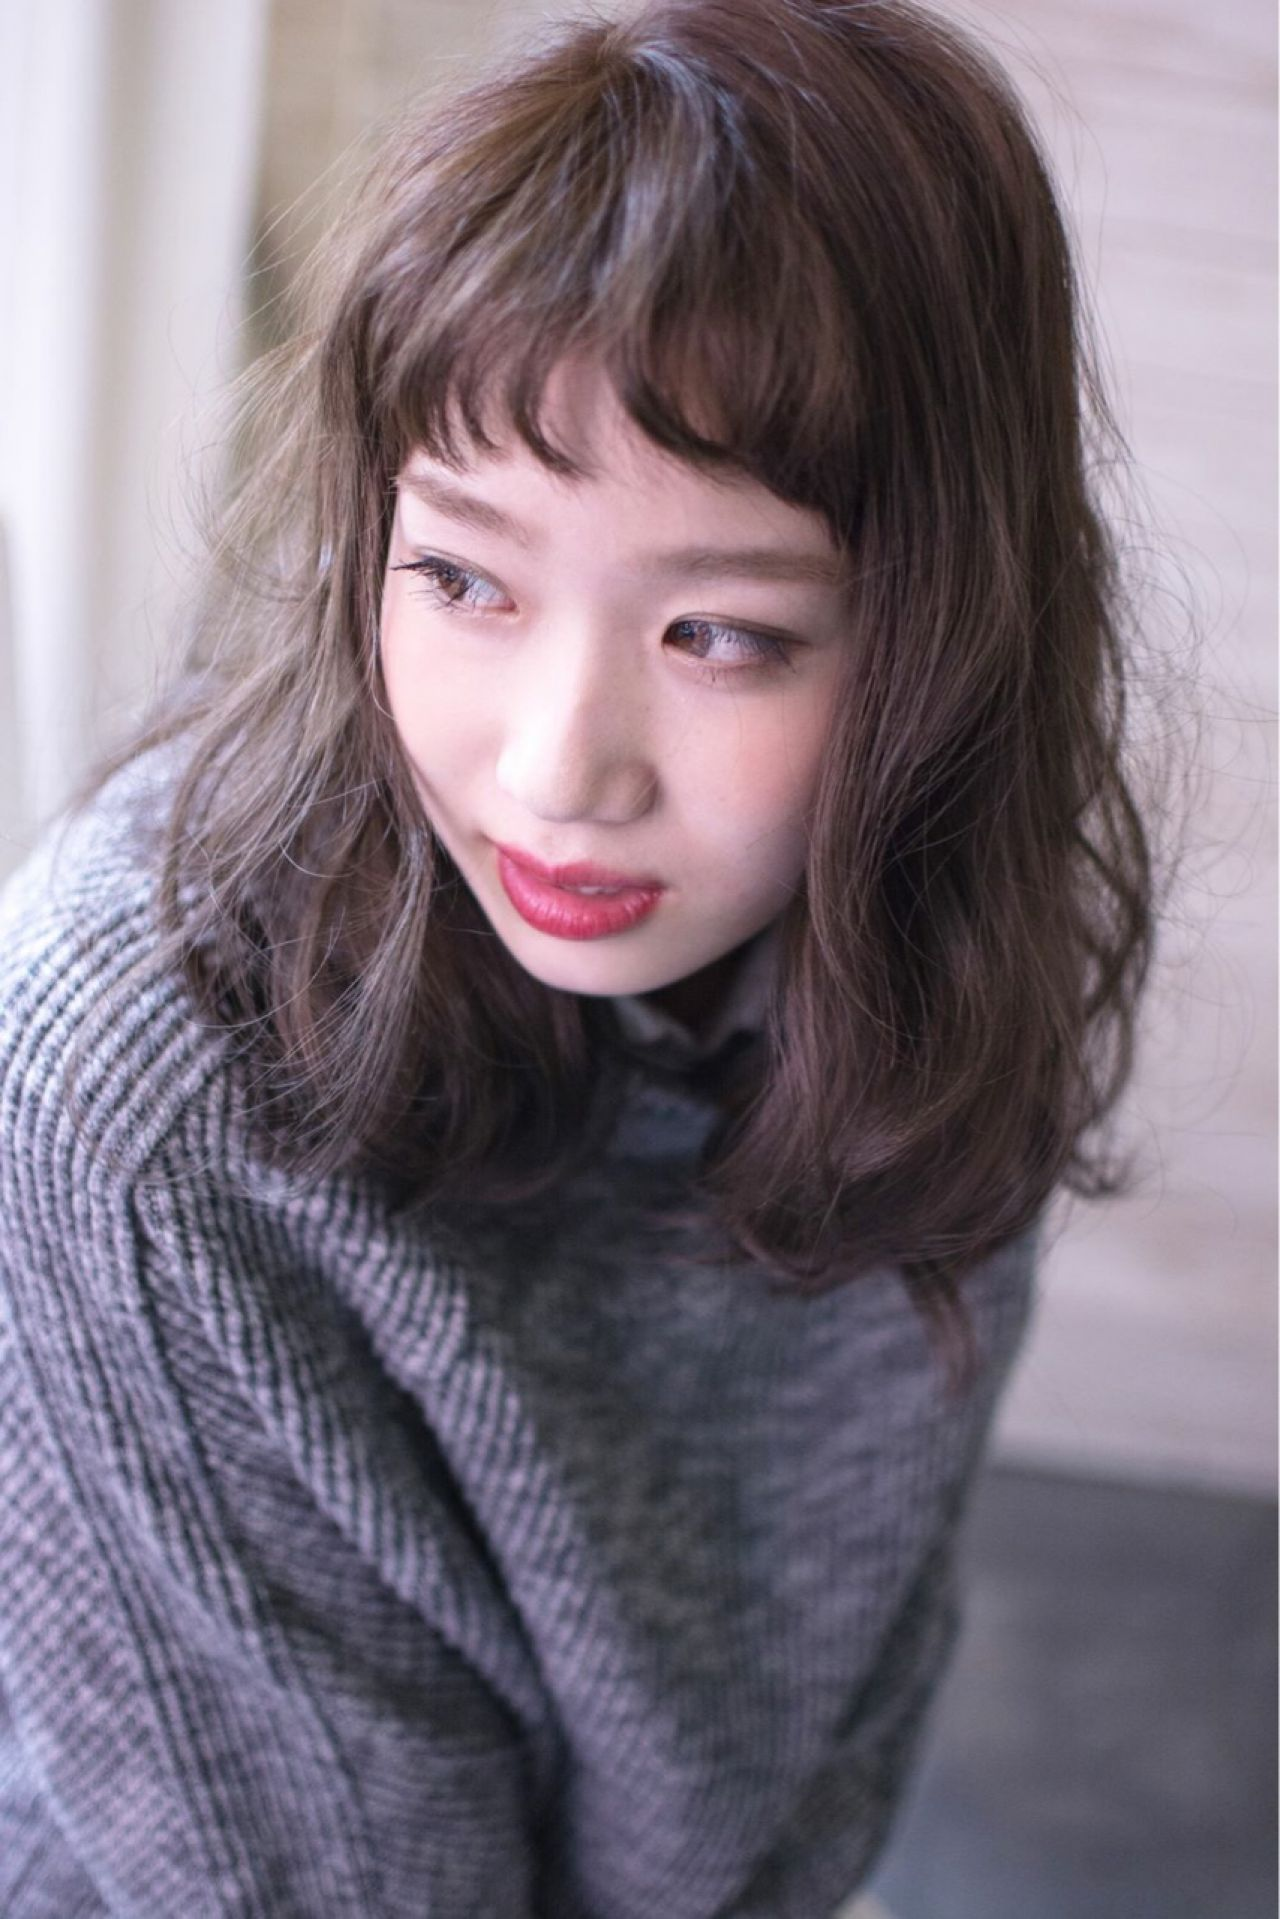 ミディアム フェミニン ゆるふわ シースルーバング ヘアスタイルや髪型の写真・画像